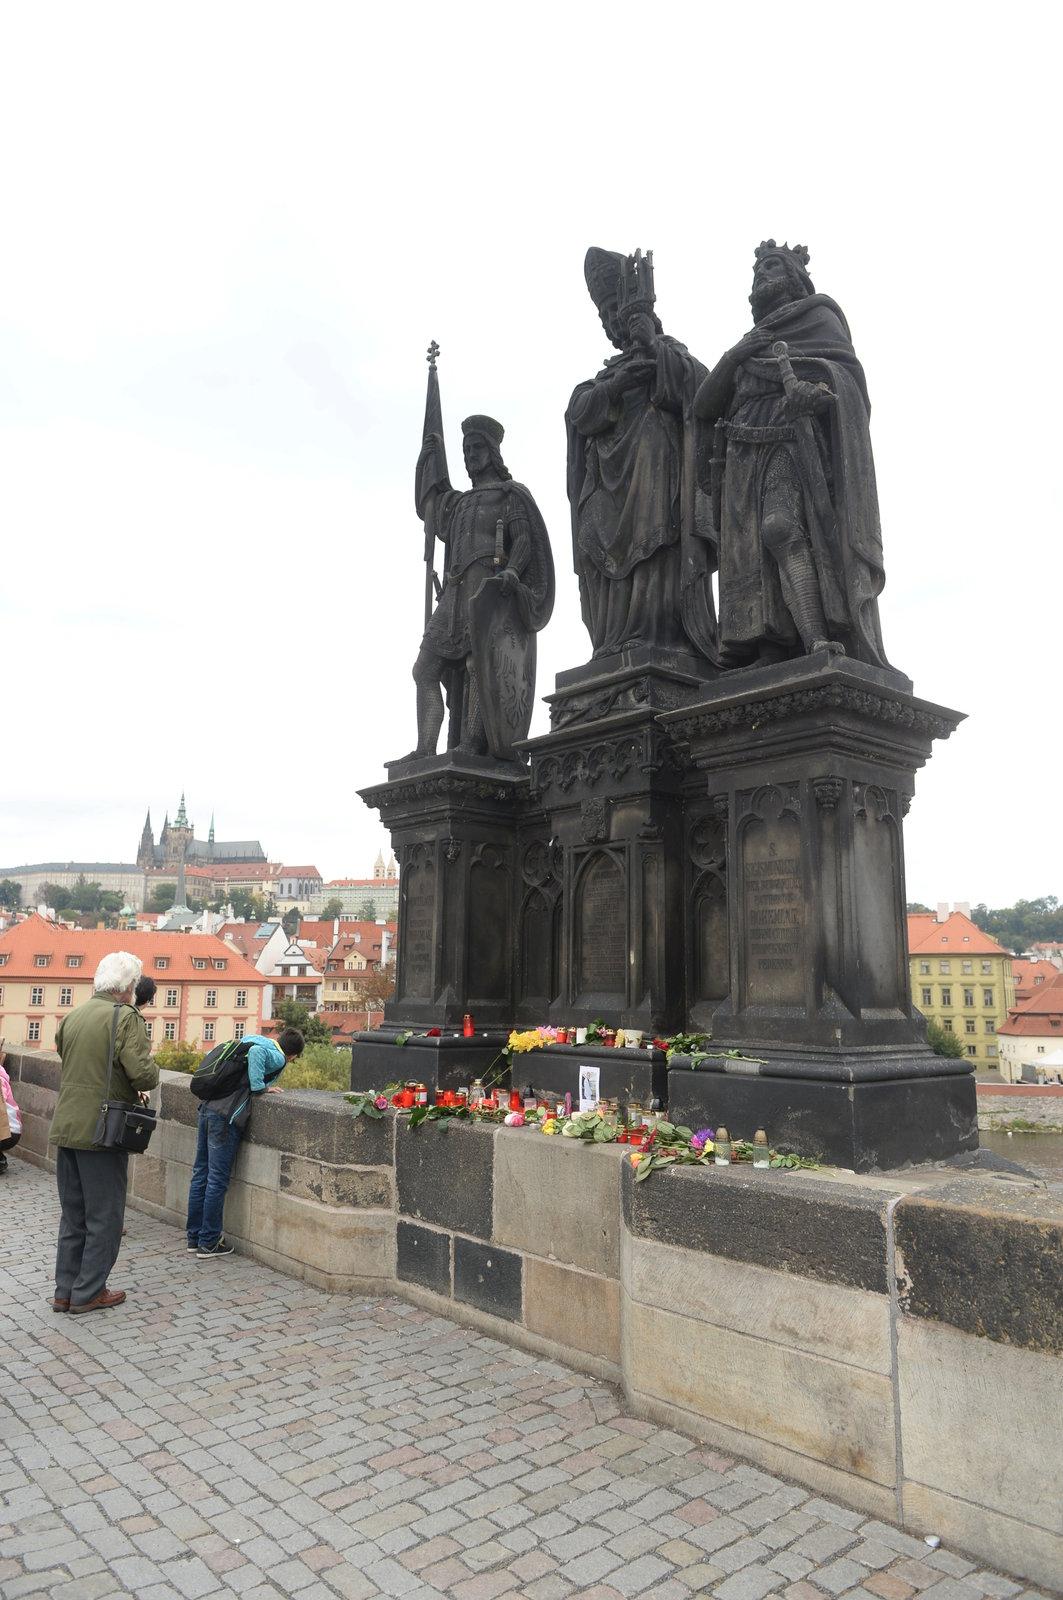 Lidé ze sousoší na Karlově mostě, odkud spadl Jan Tříska, vytvořili pietní místo.